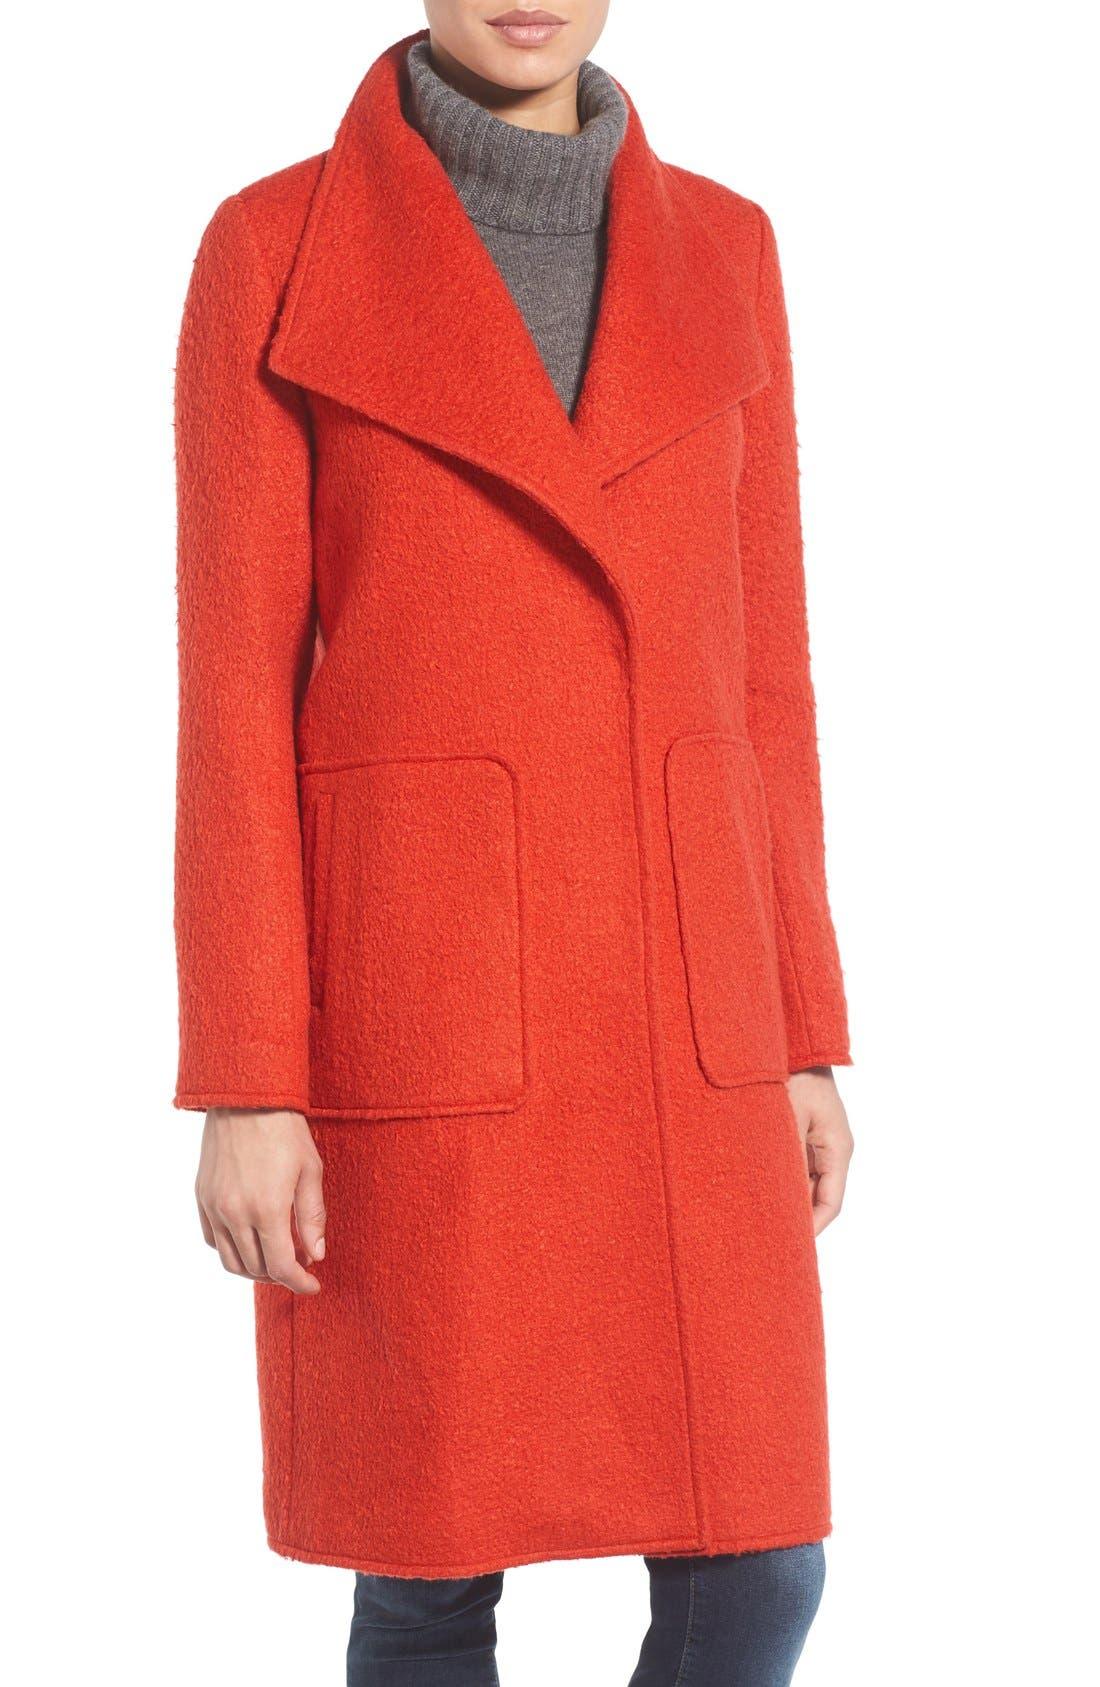 Main Image - Bernardo Textured Long Coat (Regular & Petite)